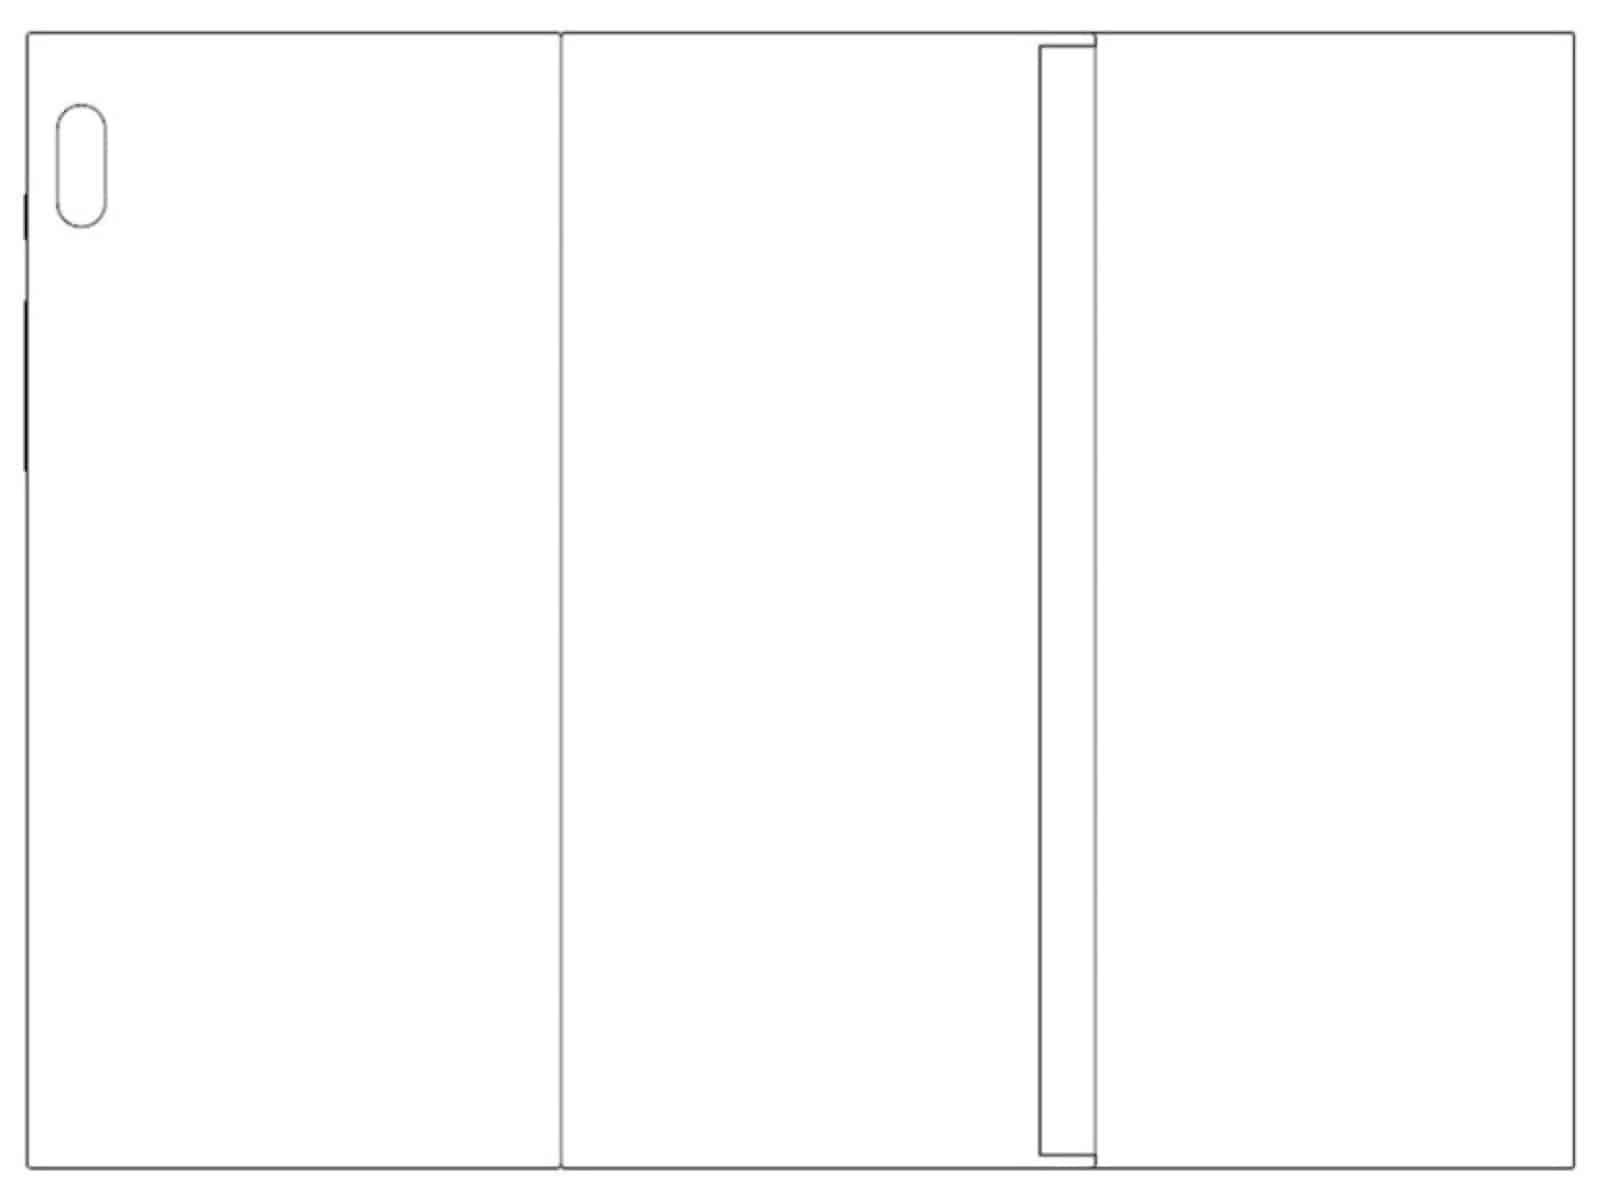 04 LG Design patent 201930089299.6